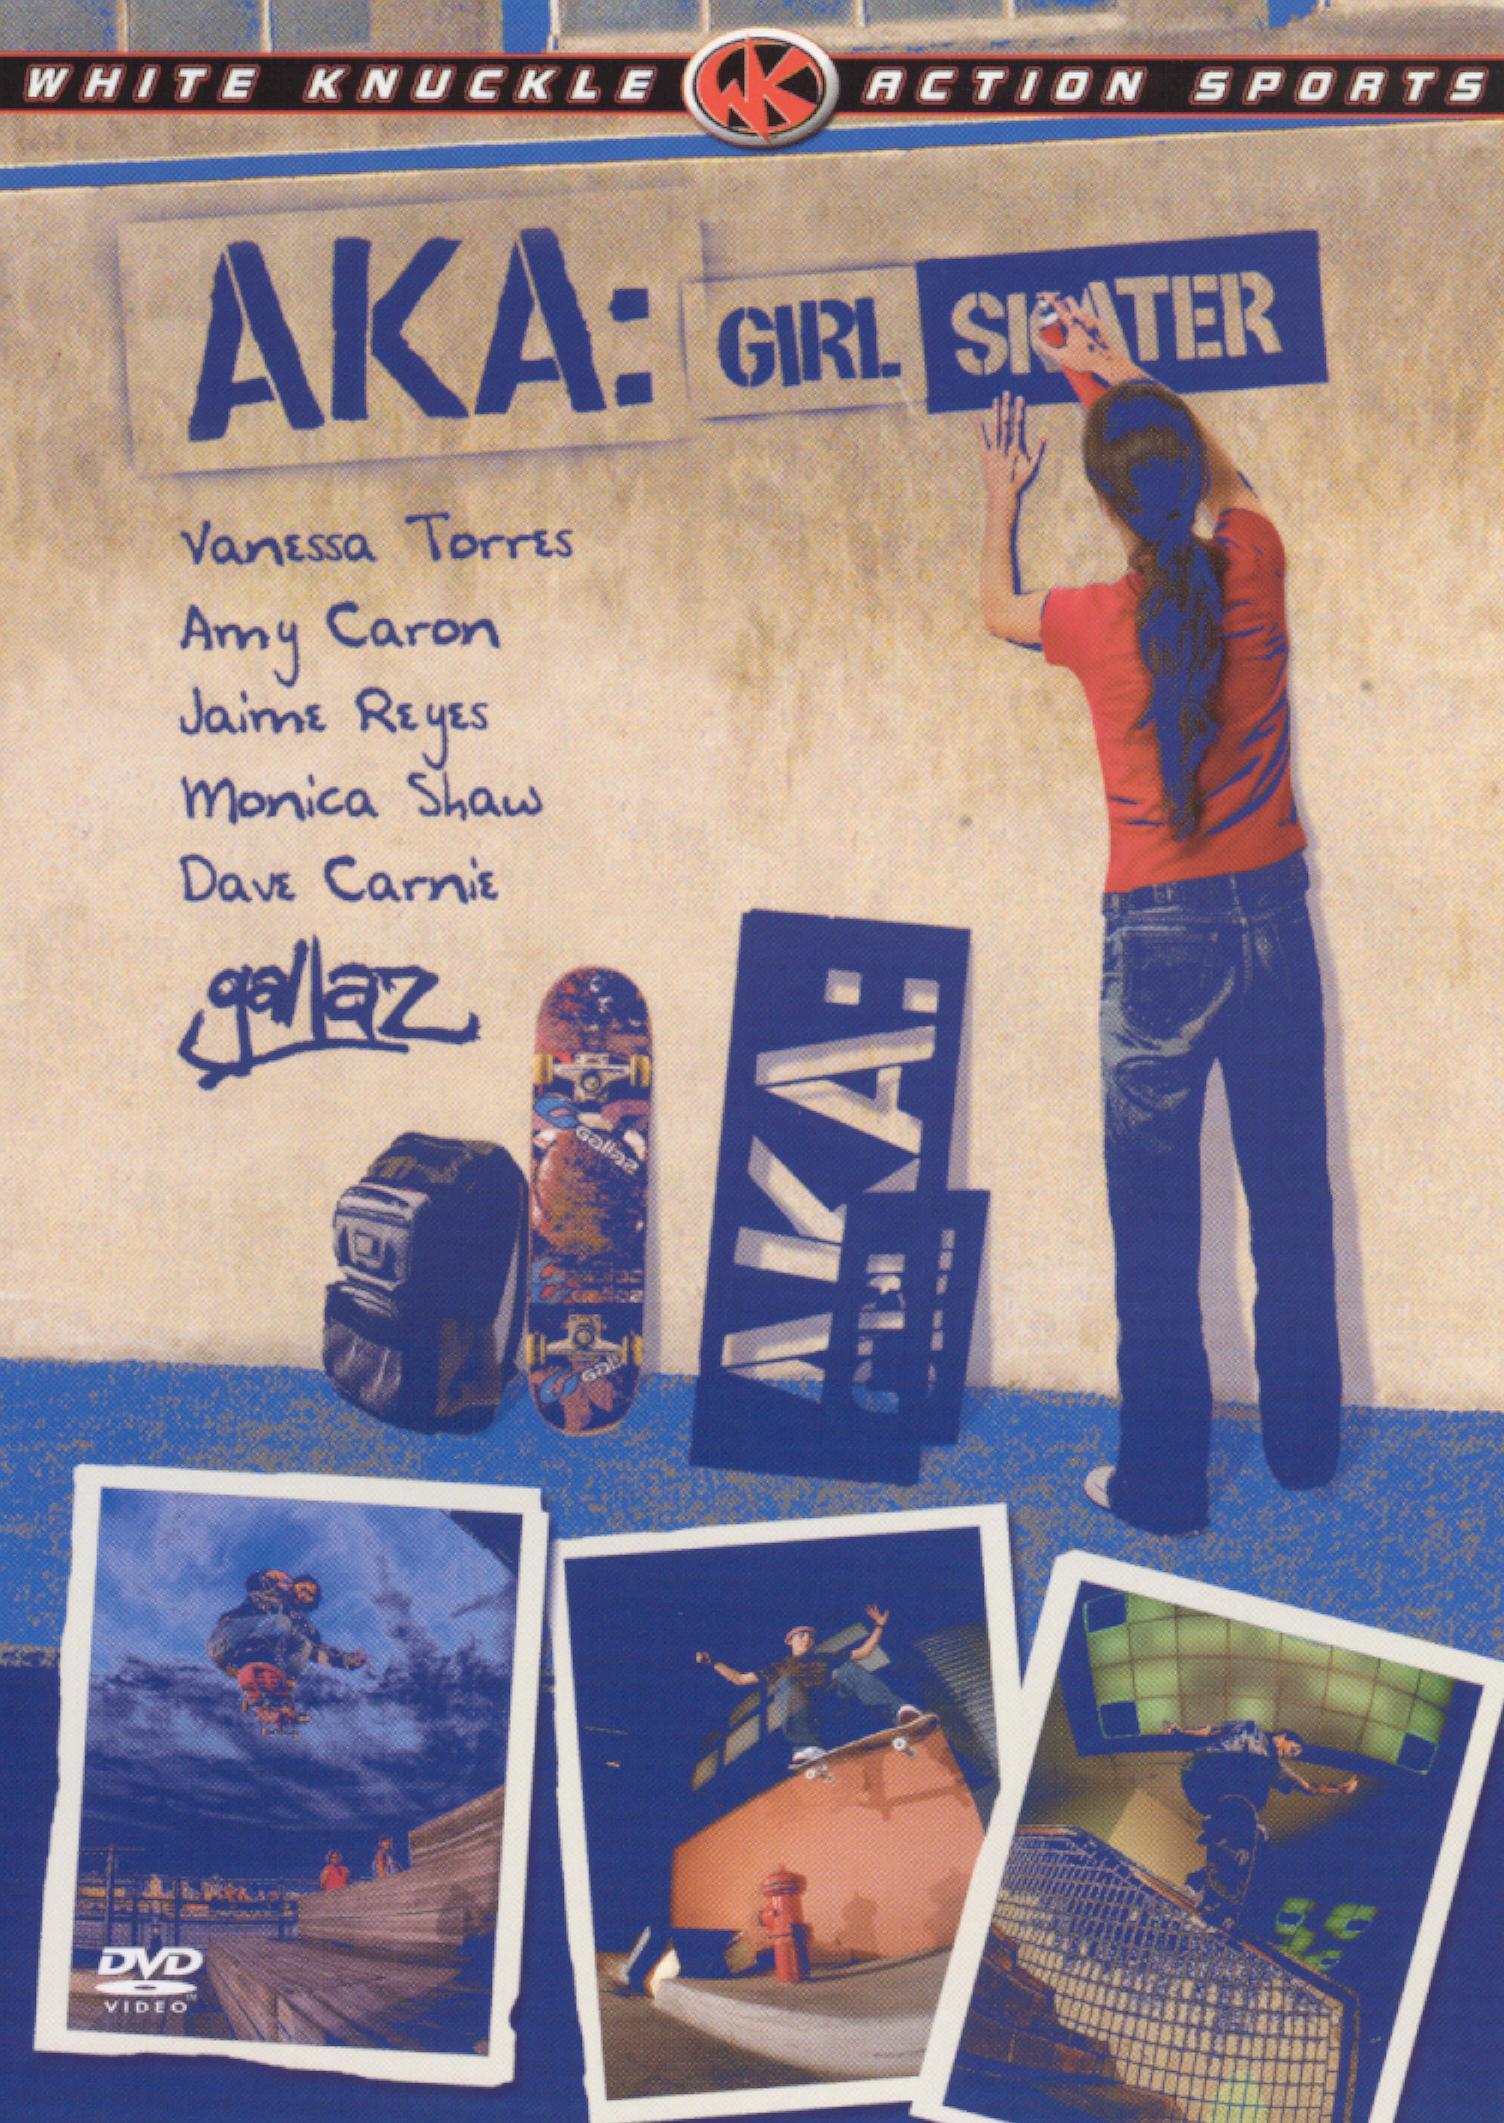 AKA: Girl Skater